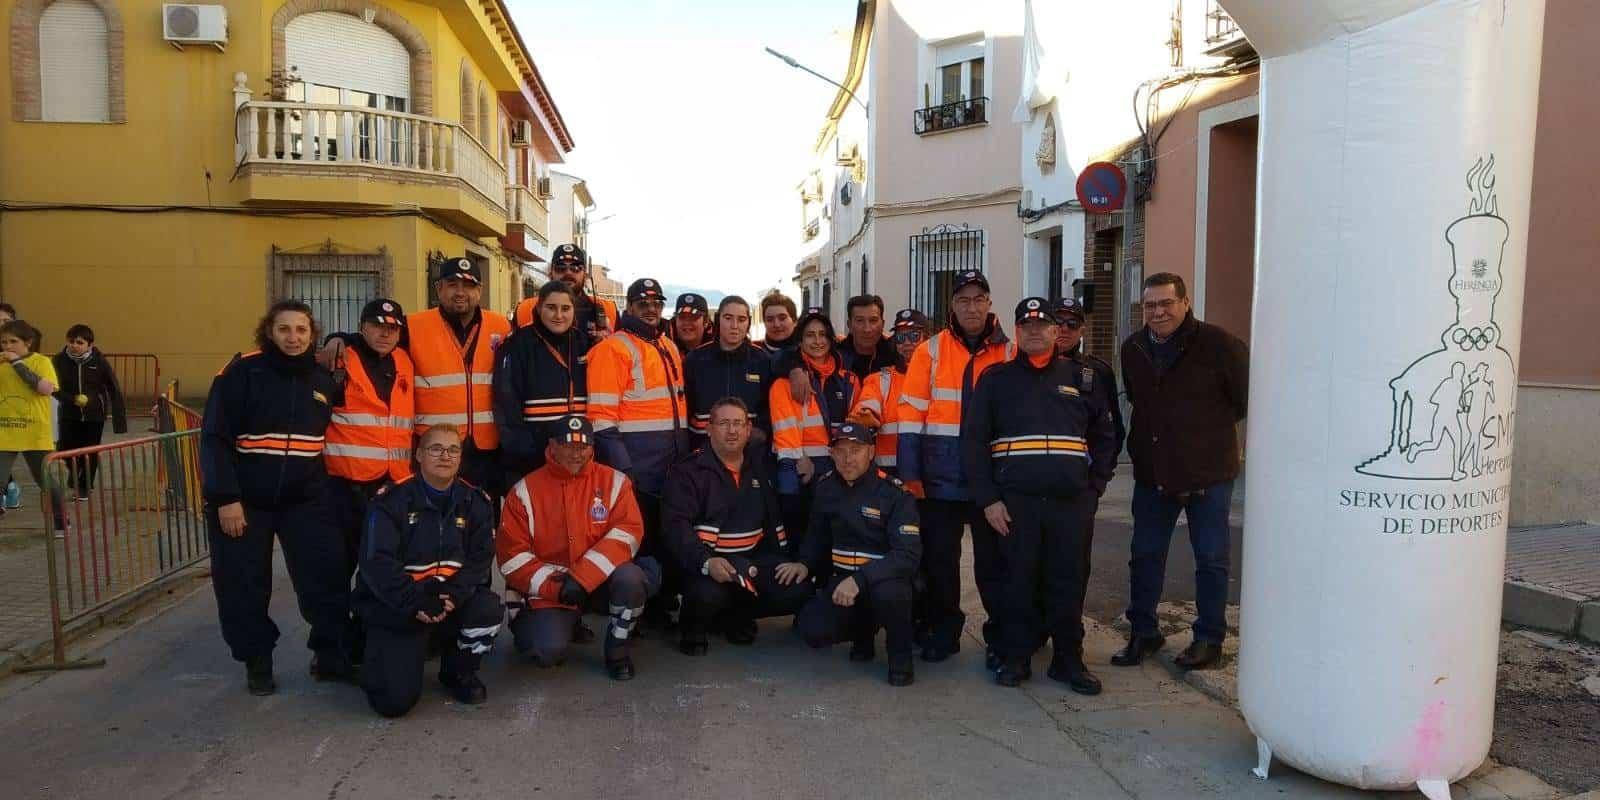 Protección civil colabora con el preventivo de la XVIII Carrera Popular de San Antón 3